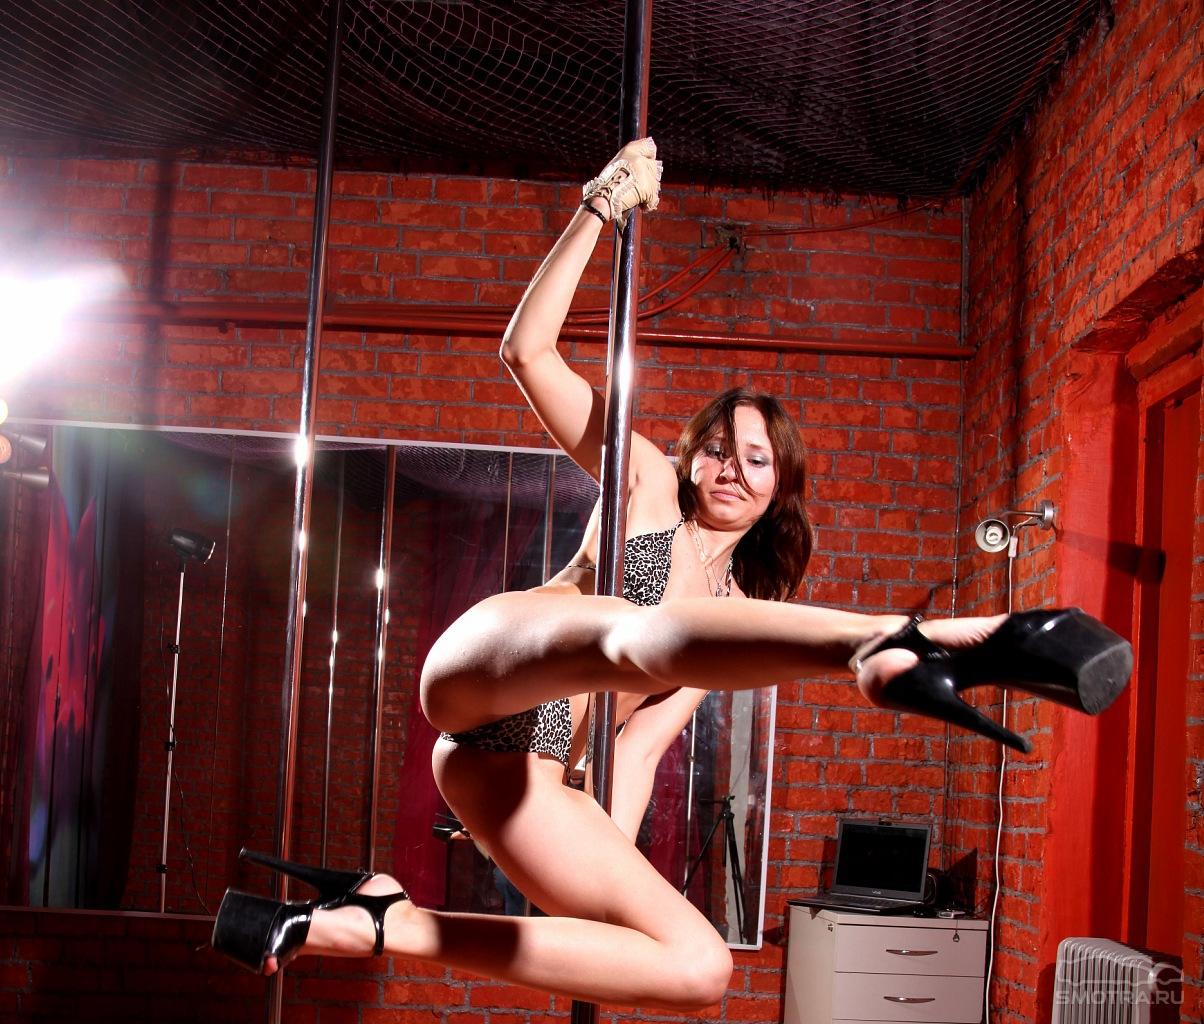 tantsi-striptiz-erotika